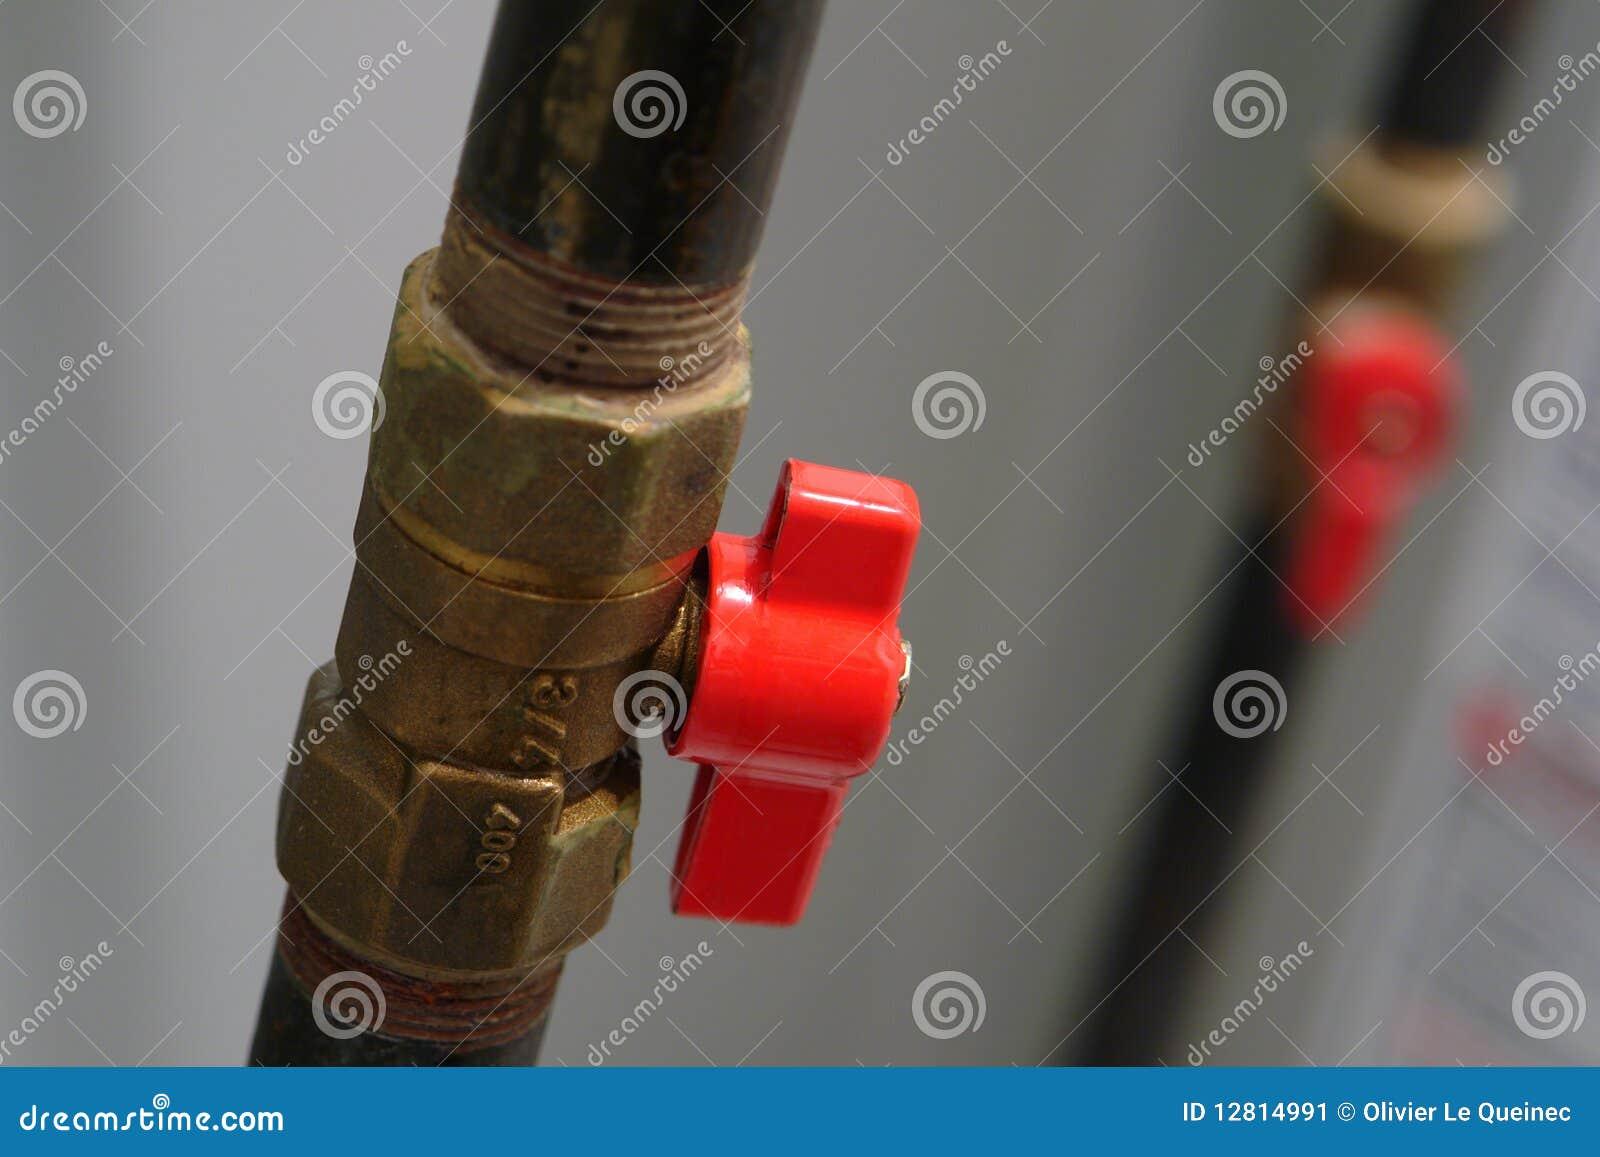 Natural Gas Safety Shutoff Valve